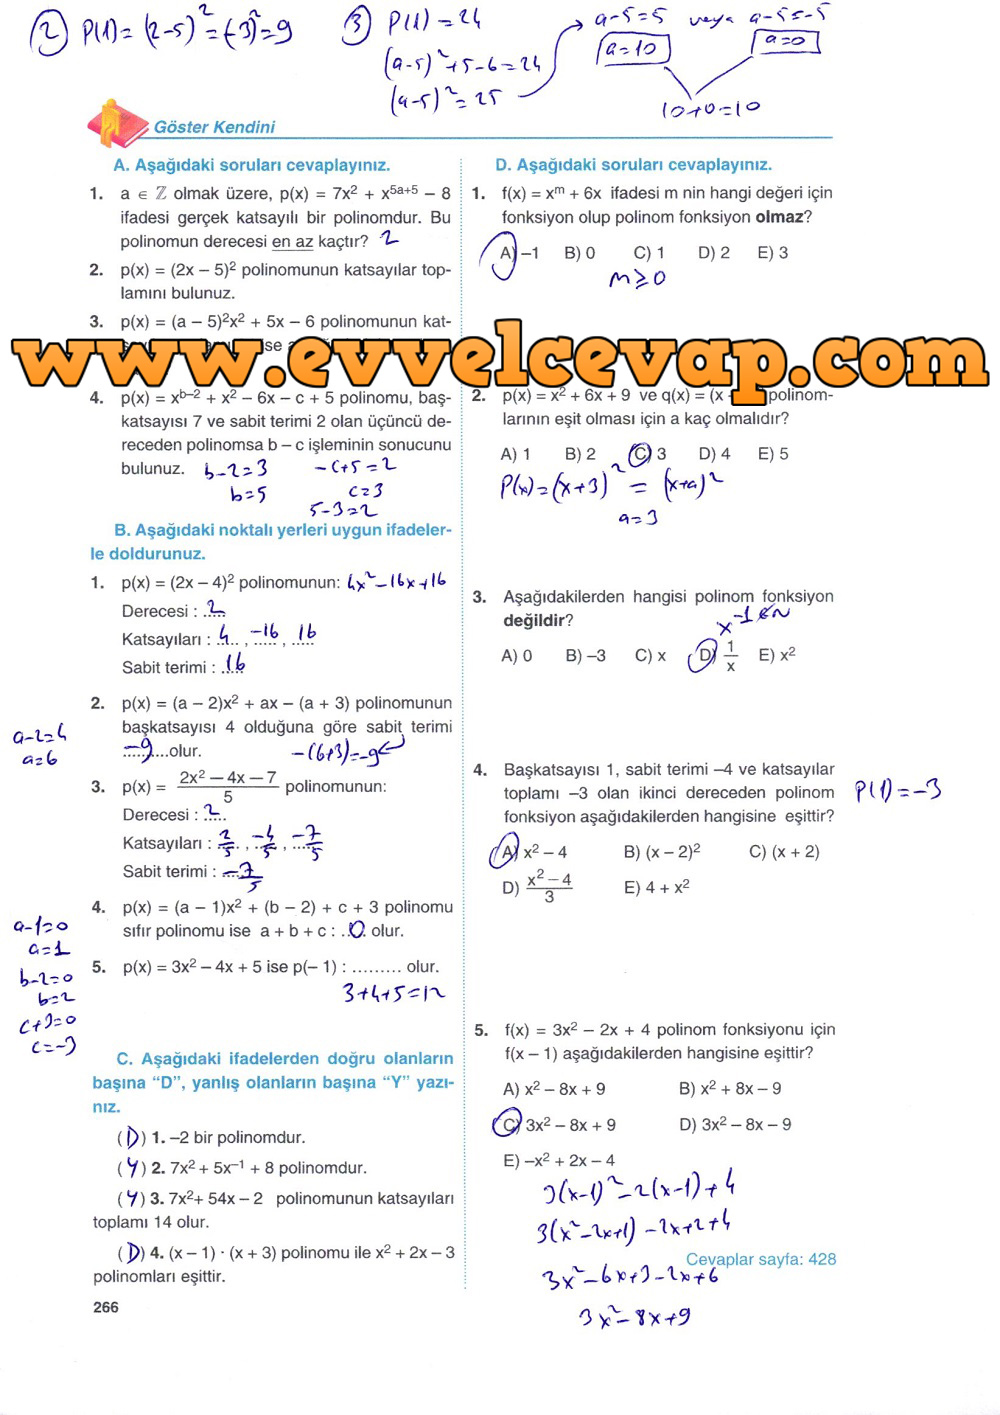 10. Sınıf Matematik Tuna Yayınları Ders Kitabı 266. Sayfa Çözümleri